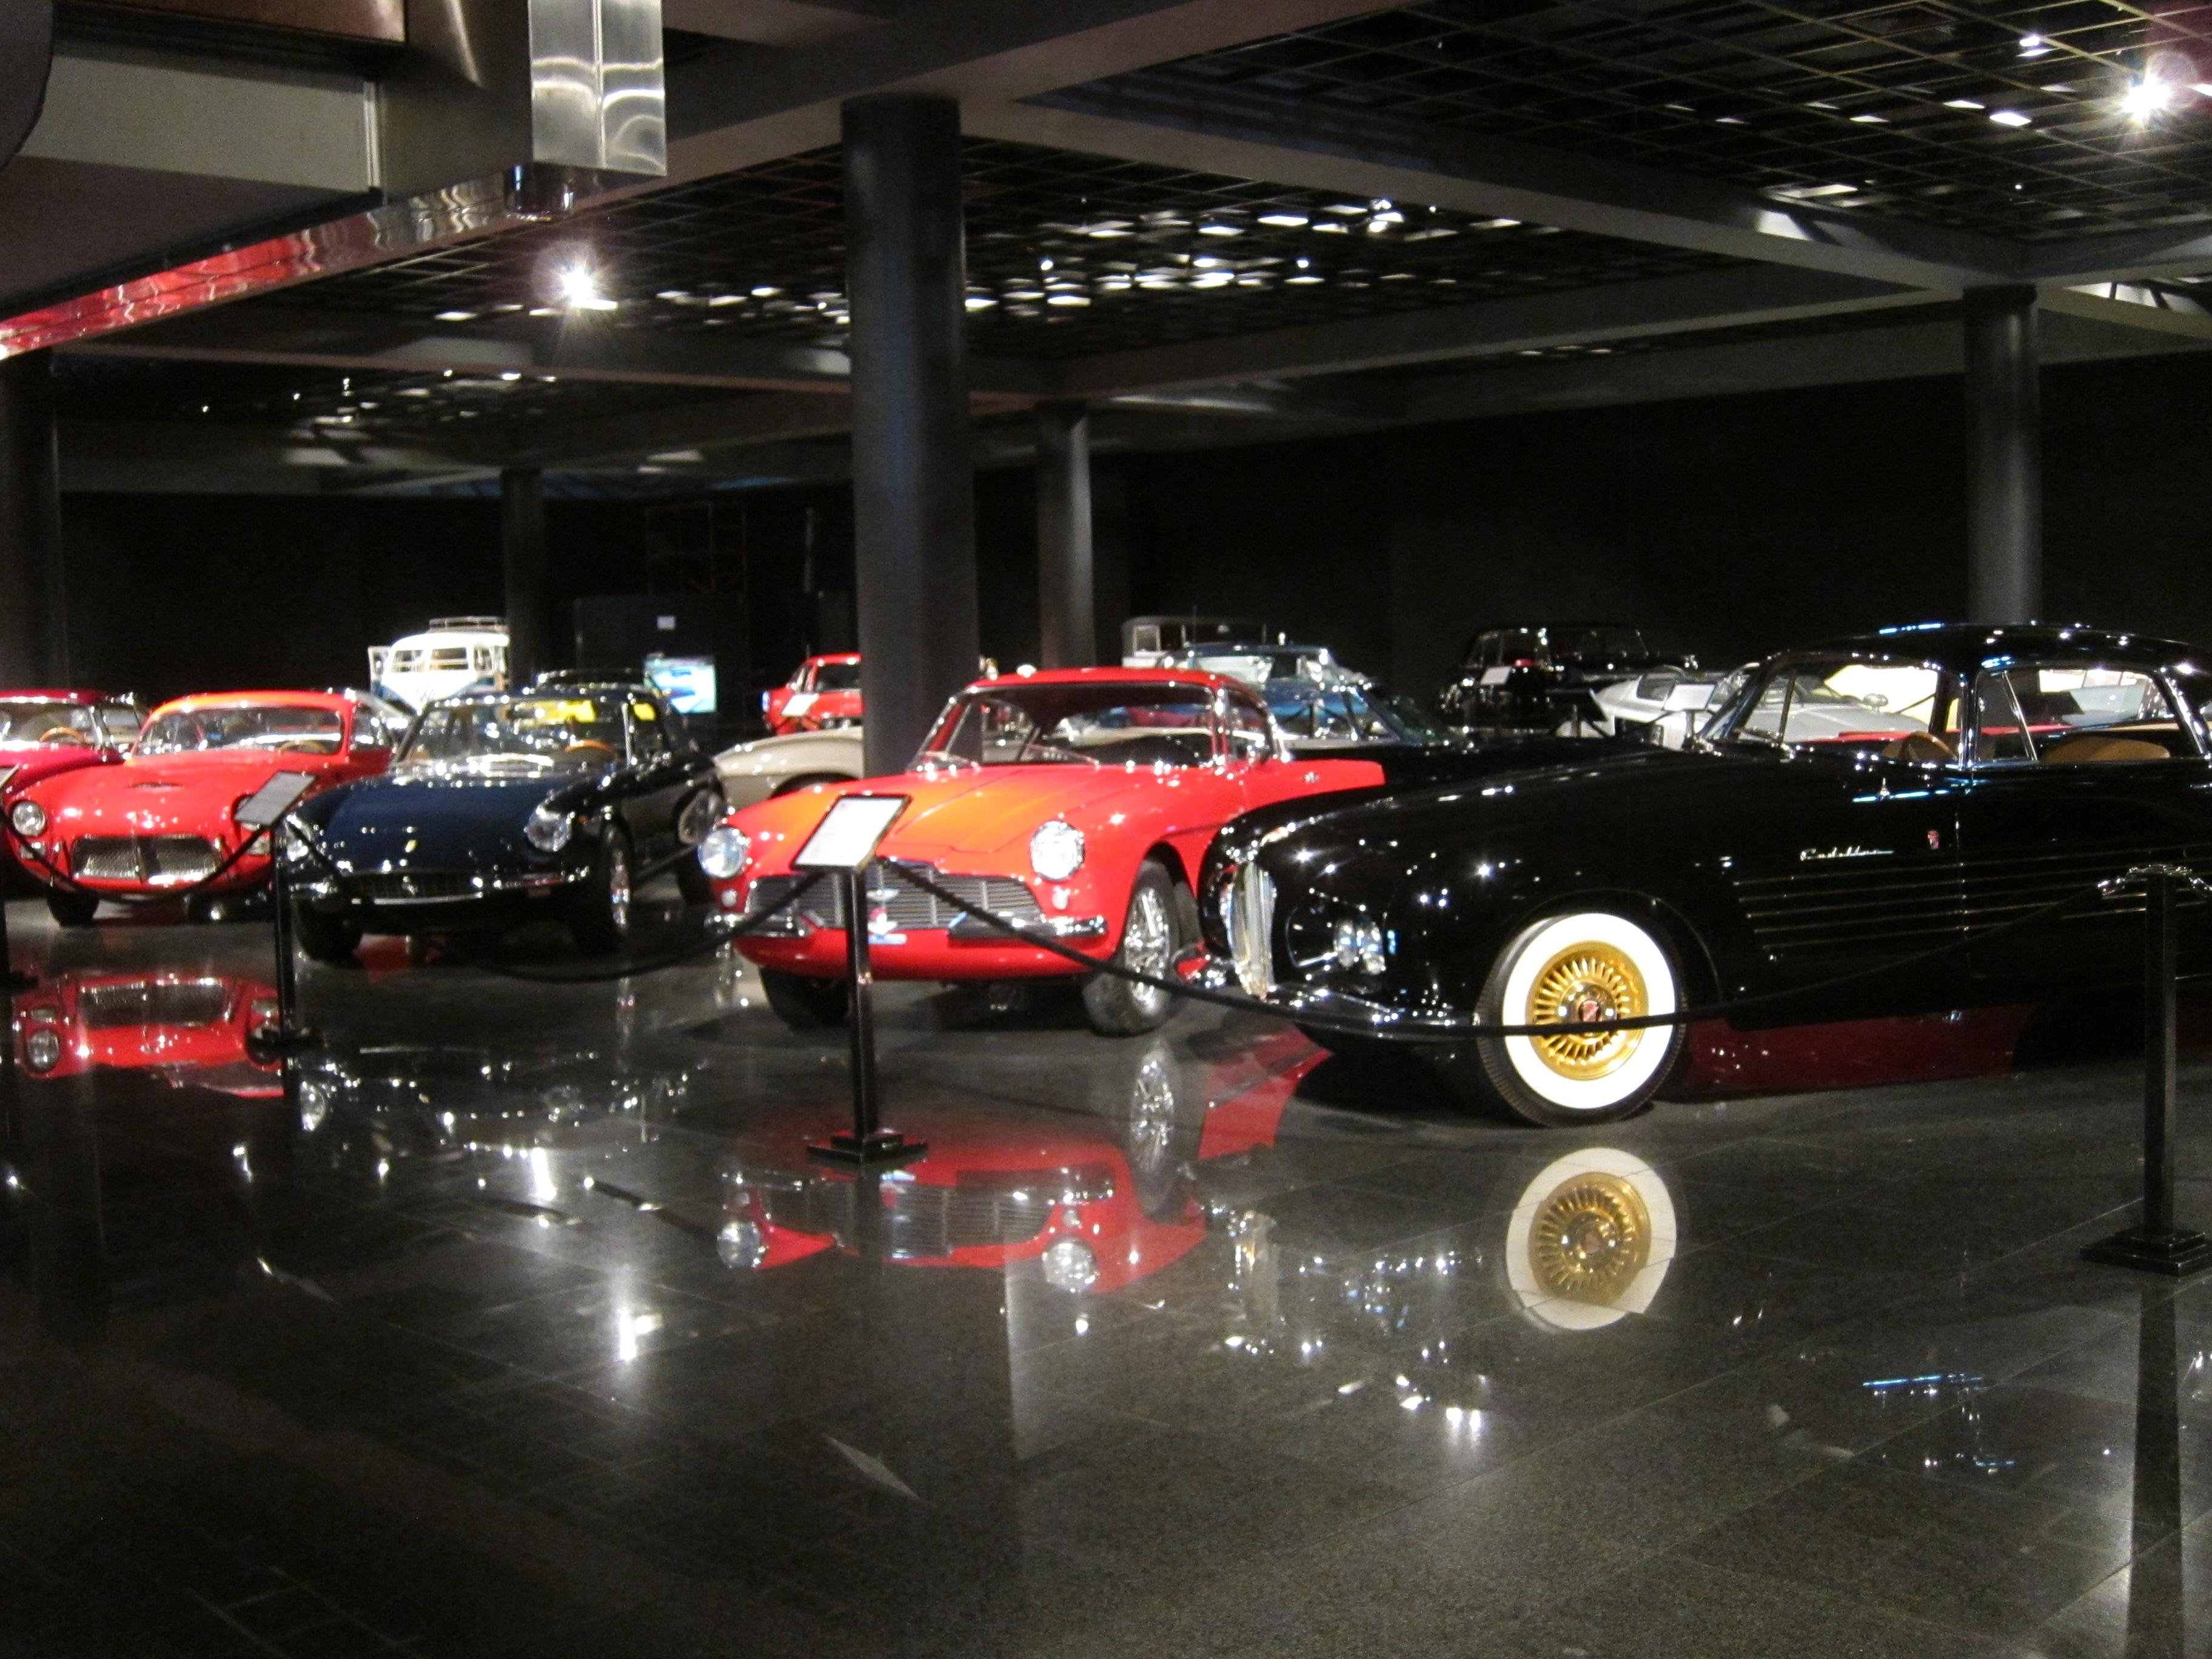 Blackhawk Car Museum >> File Blackhawk Automobile Museum Flickr Jaycross Jpg Wikimedia